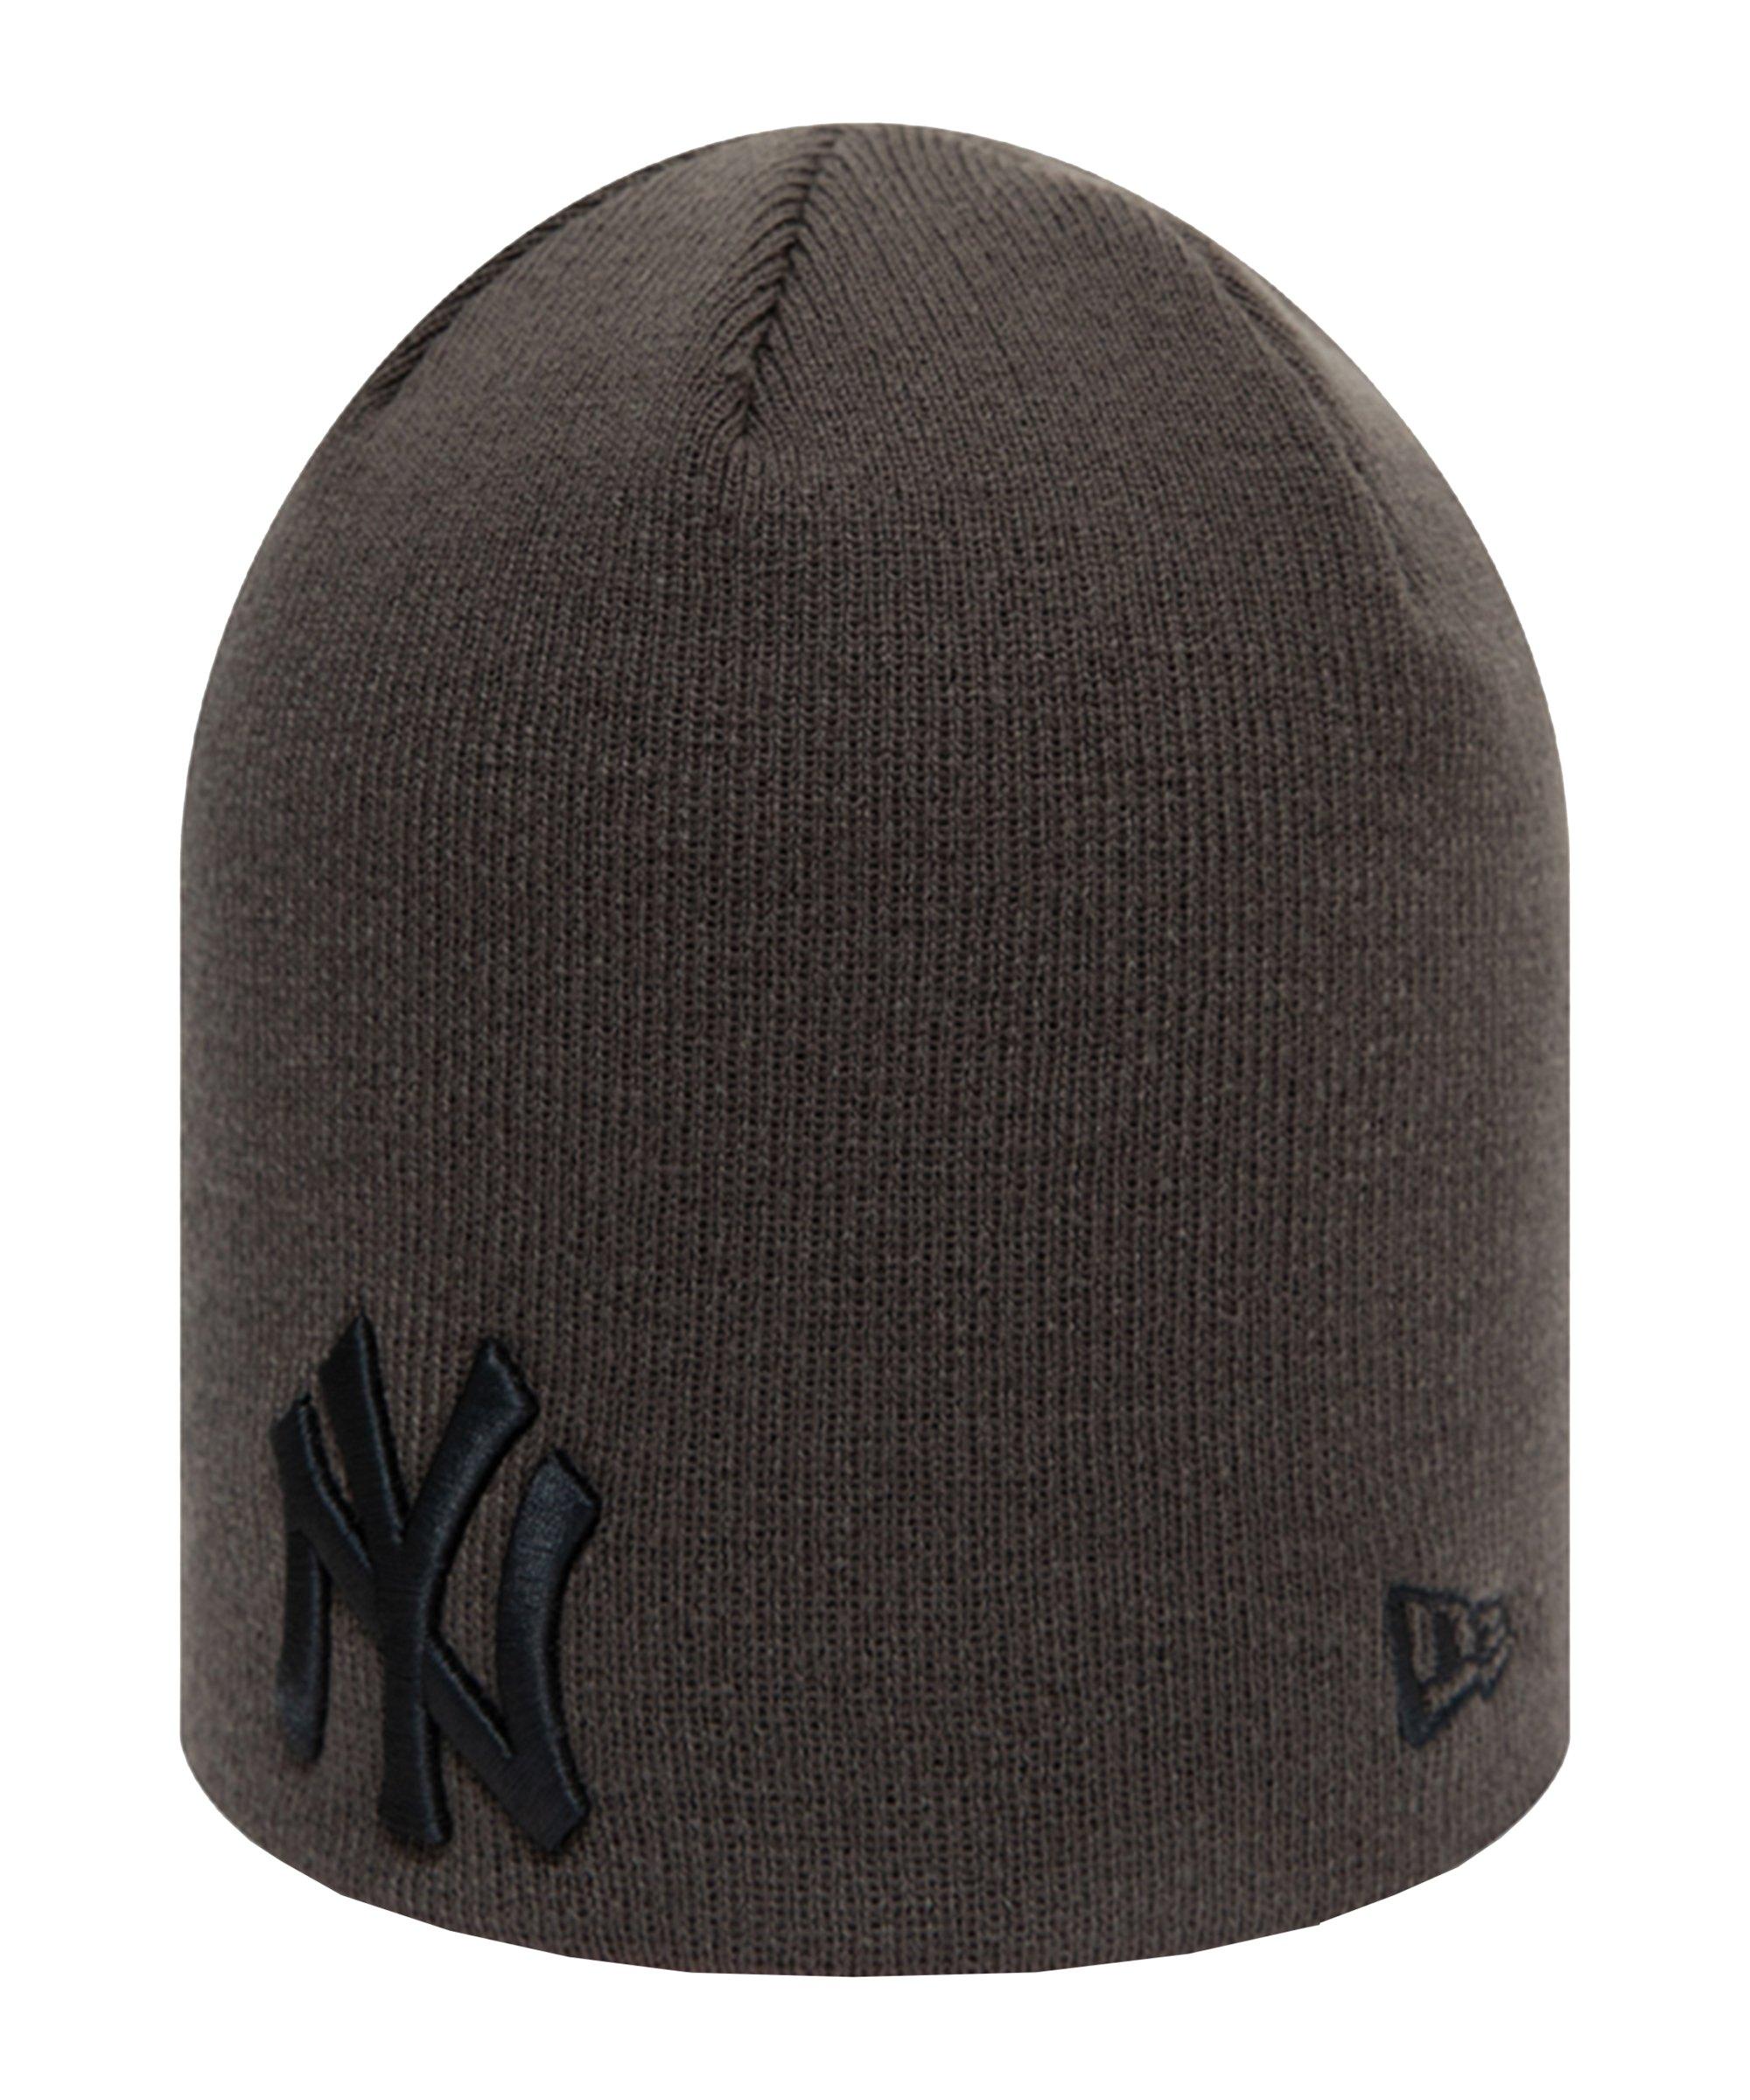 New Era NY Yankees Essential Skull Knit Mütze FGRH - grau